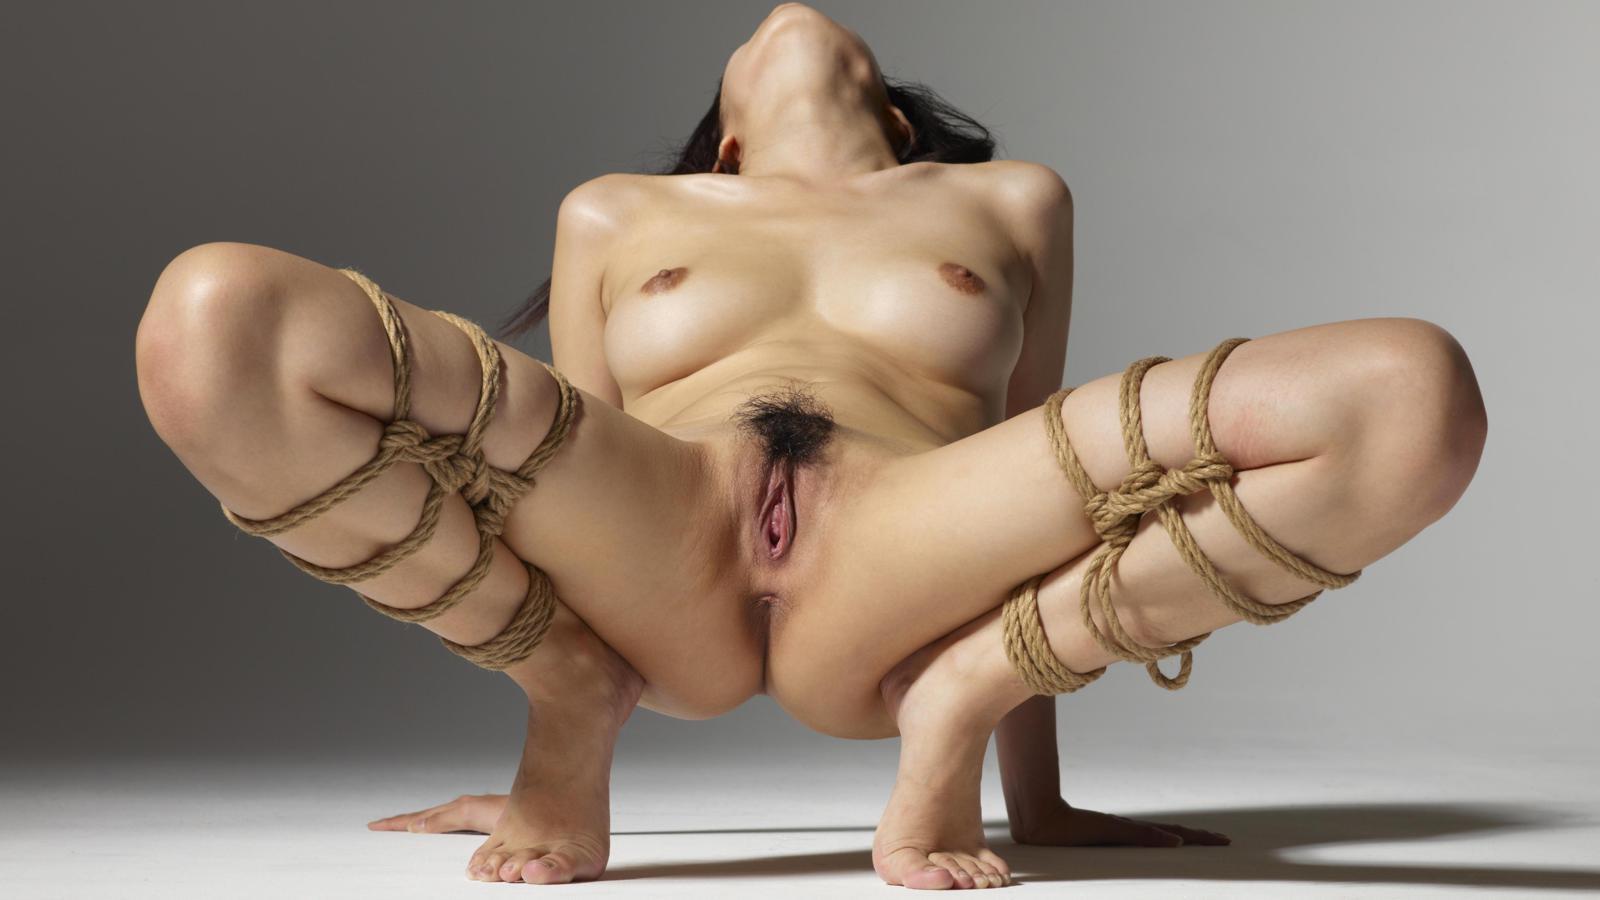 pengar dominatrix sex